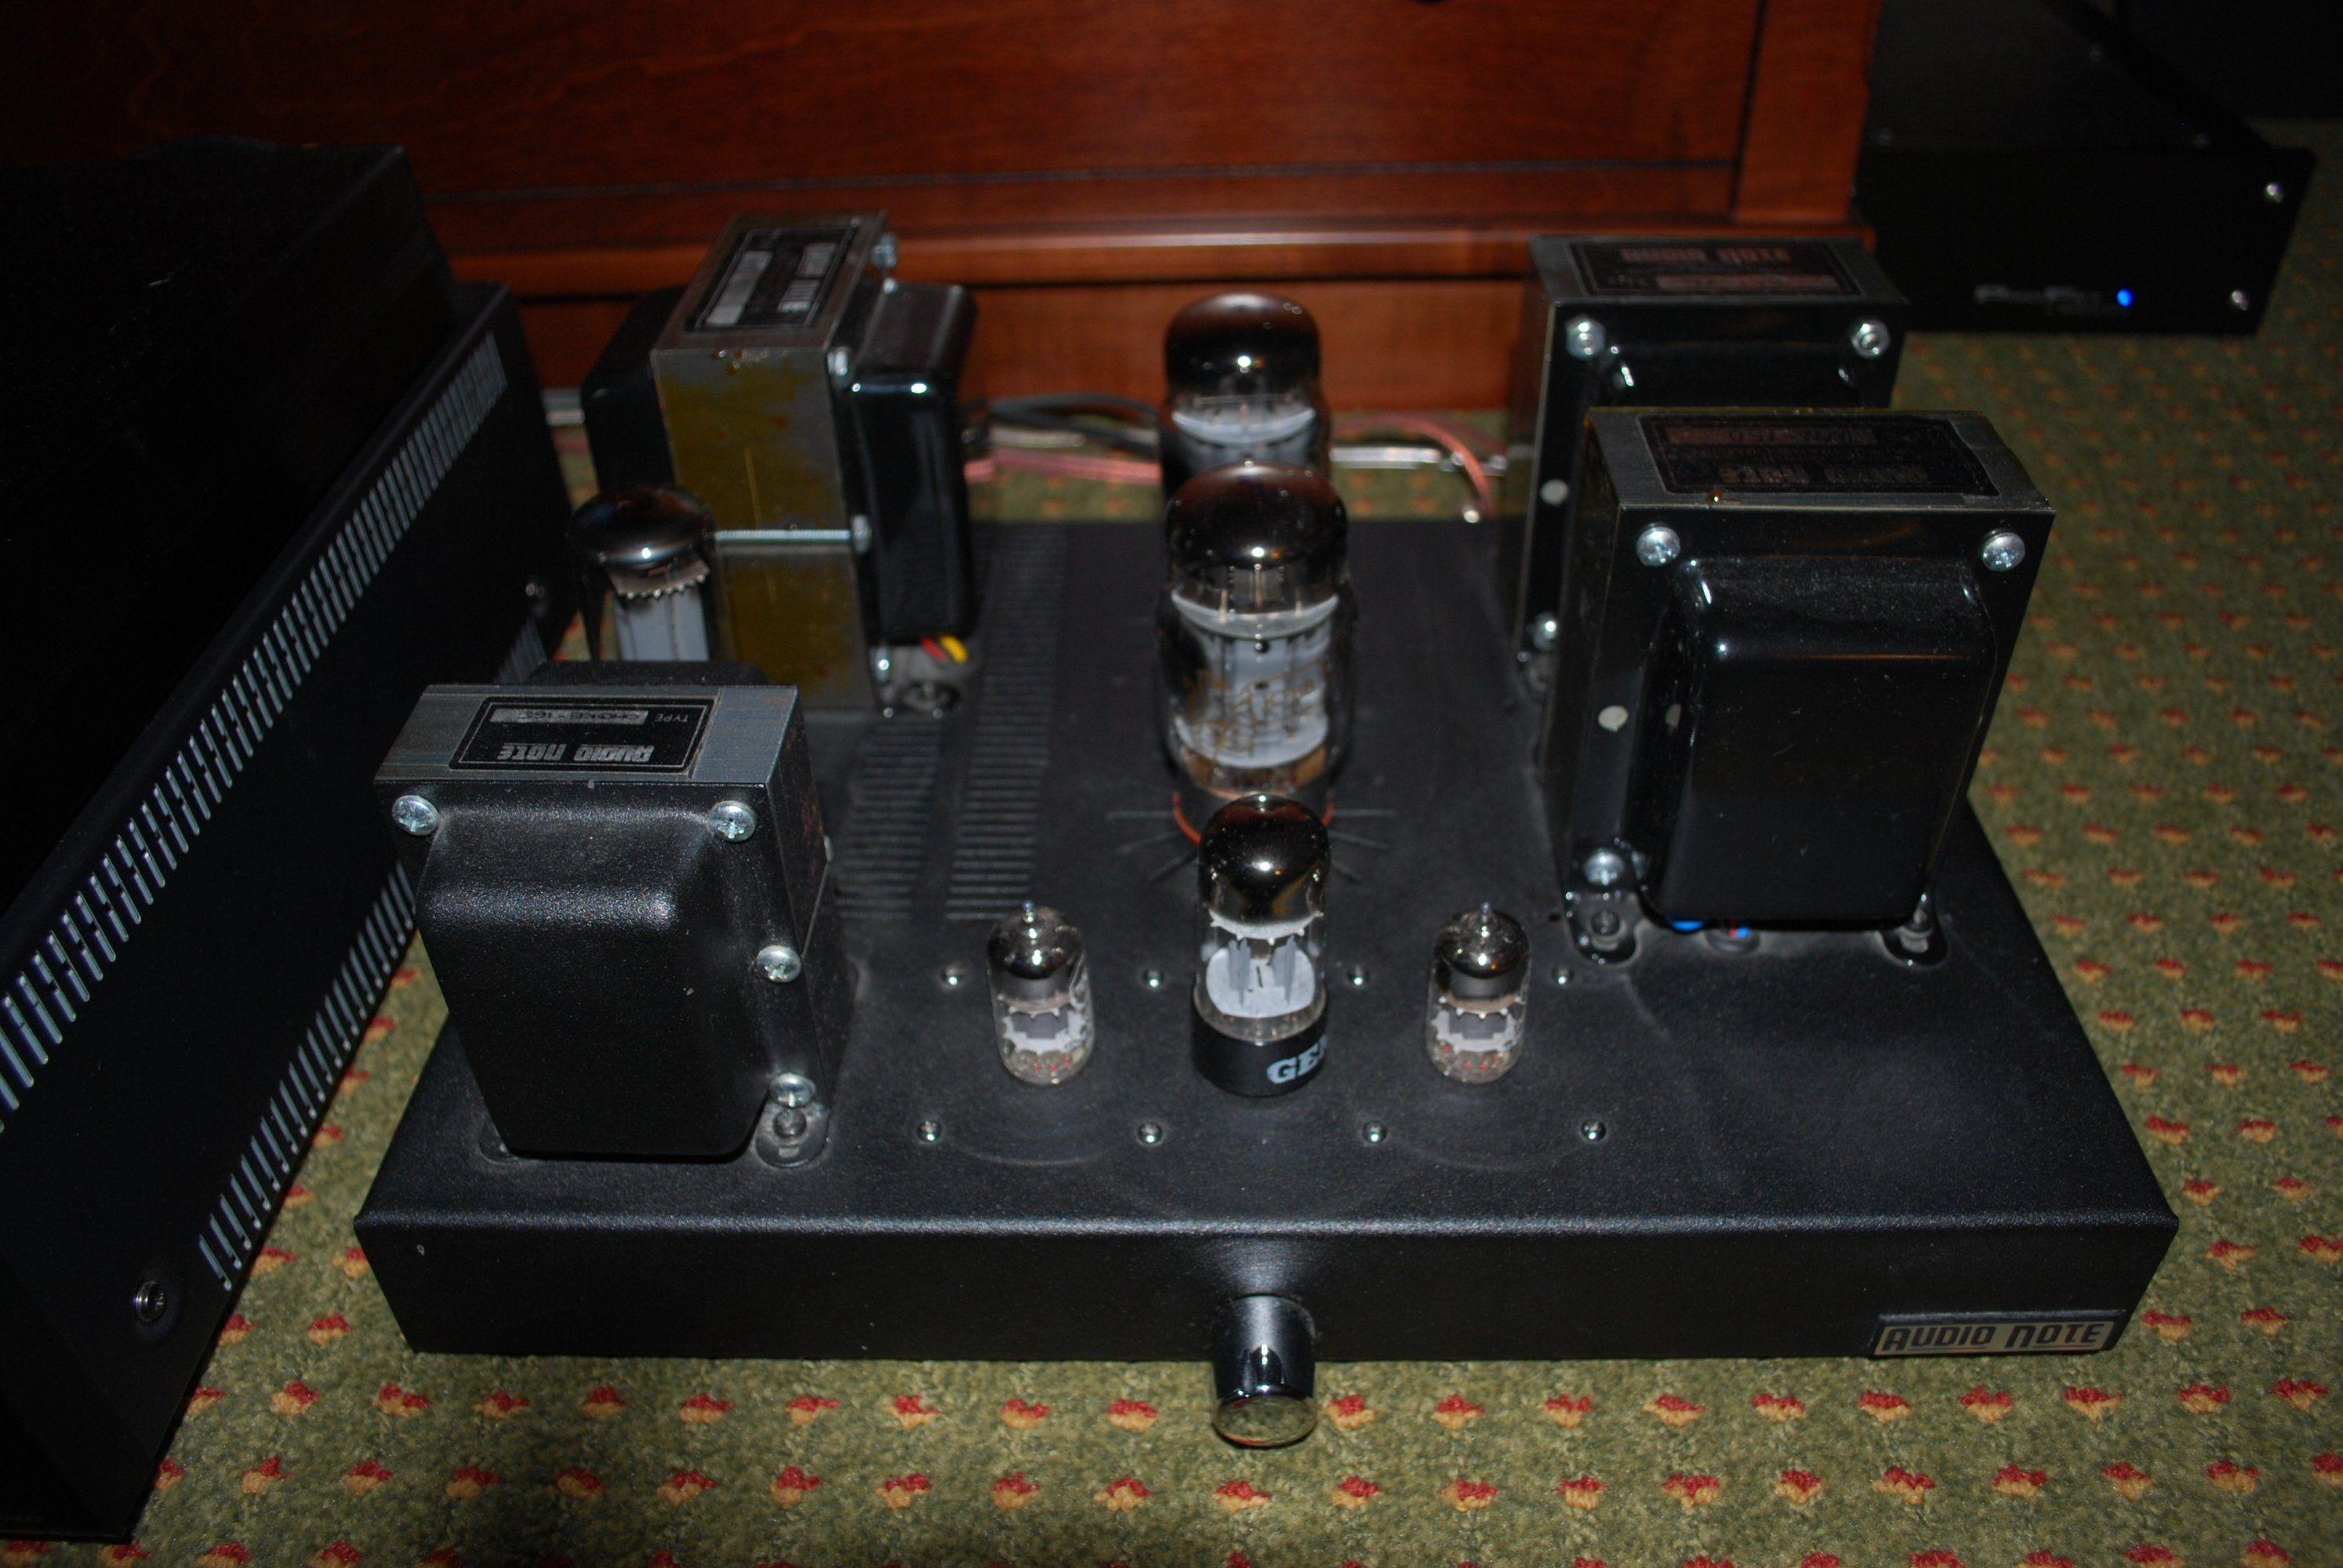 http://lonestaraudiofest.com/2011/Photos/LSAF_2011_112.jpg